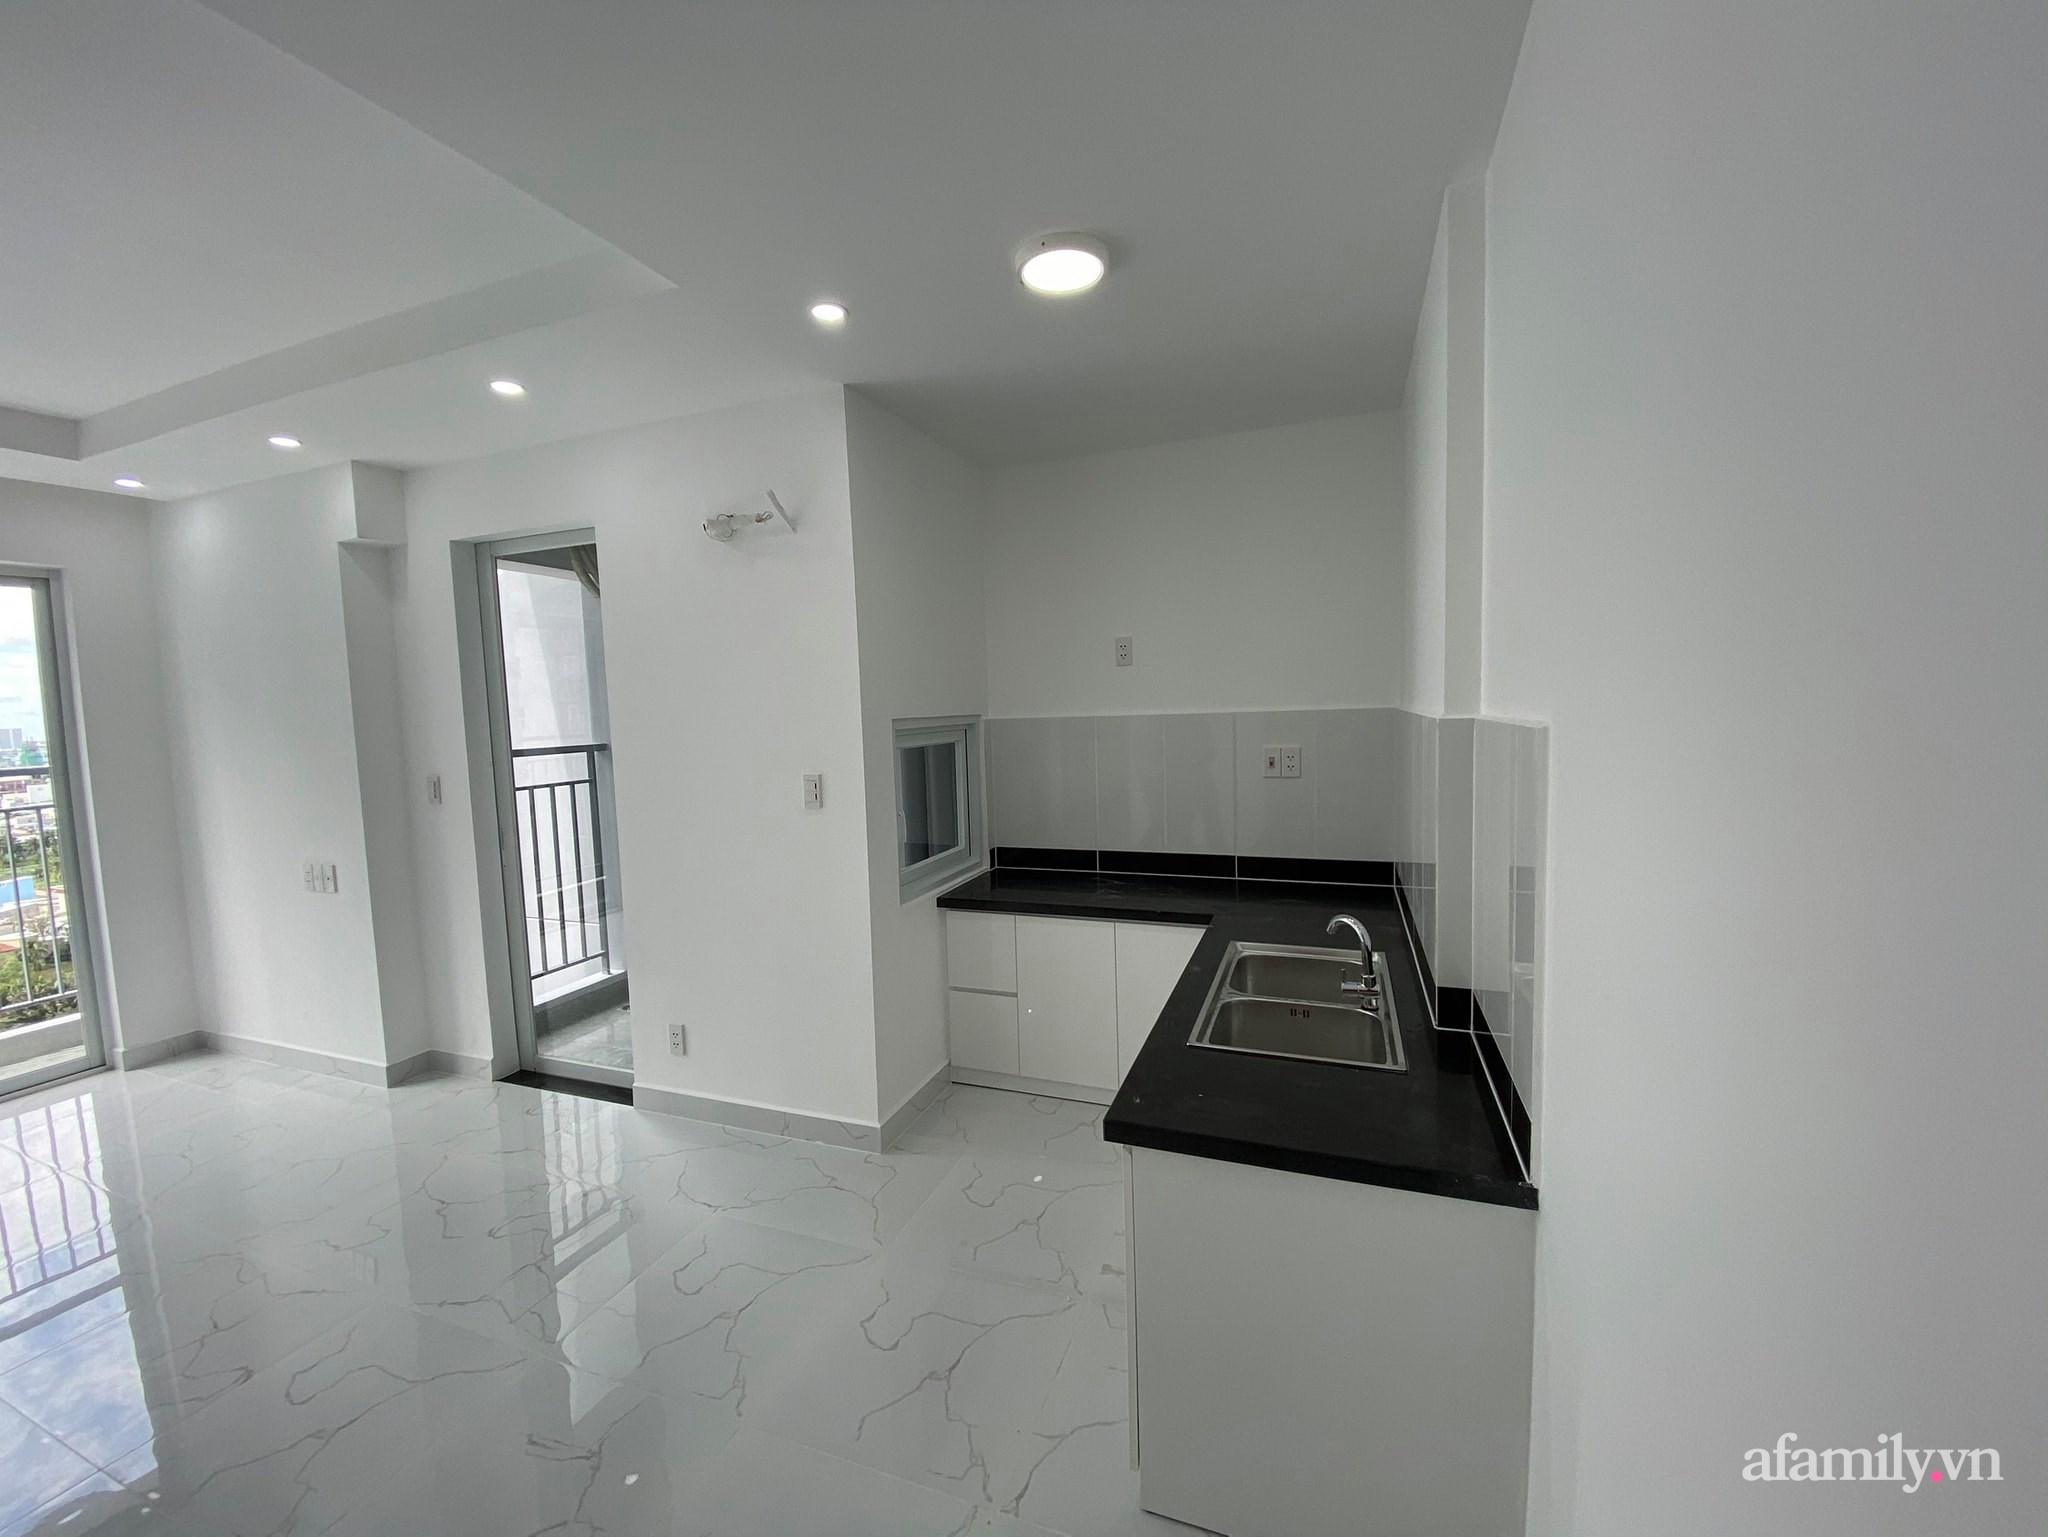 Nhà thiết kế ra tay decor căn hộ trống với chi phí cơ bản chỉ hơn 10 triệu đồng mà thành quả mê ly ai cũng vỗ tay khen ngợi - Ảnh 4.